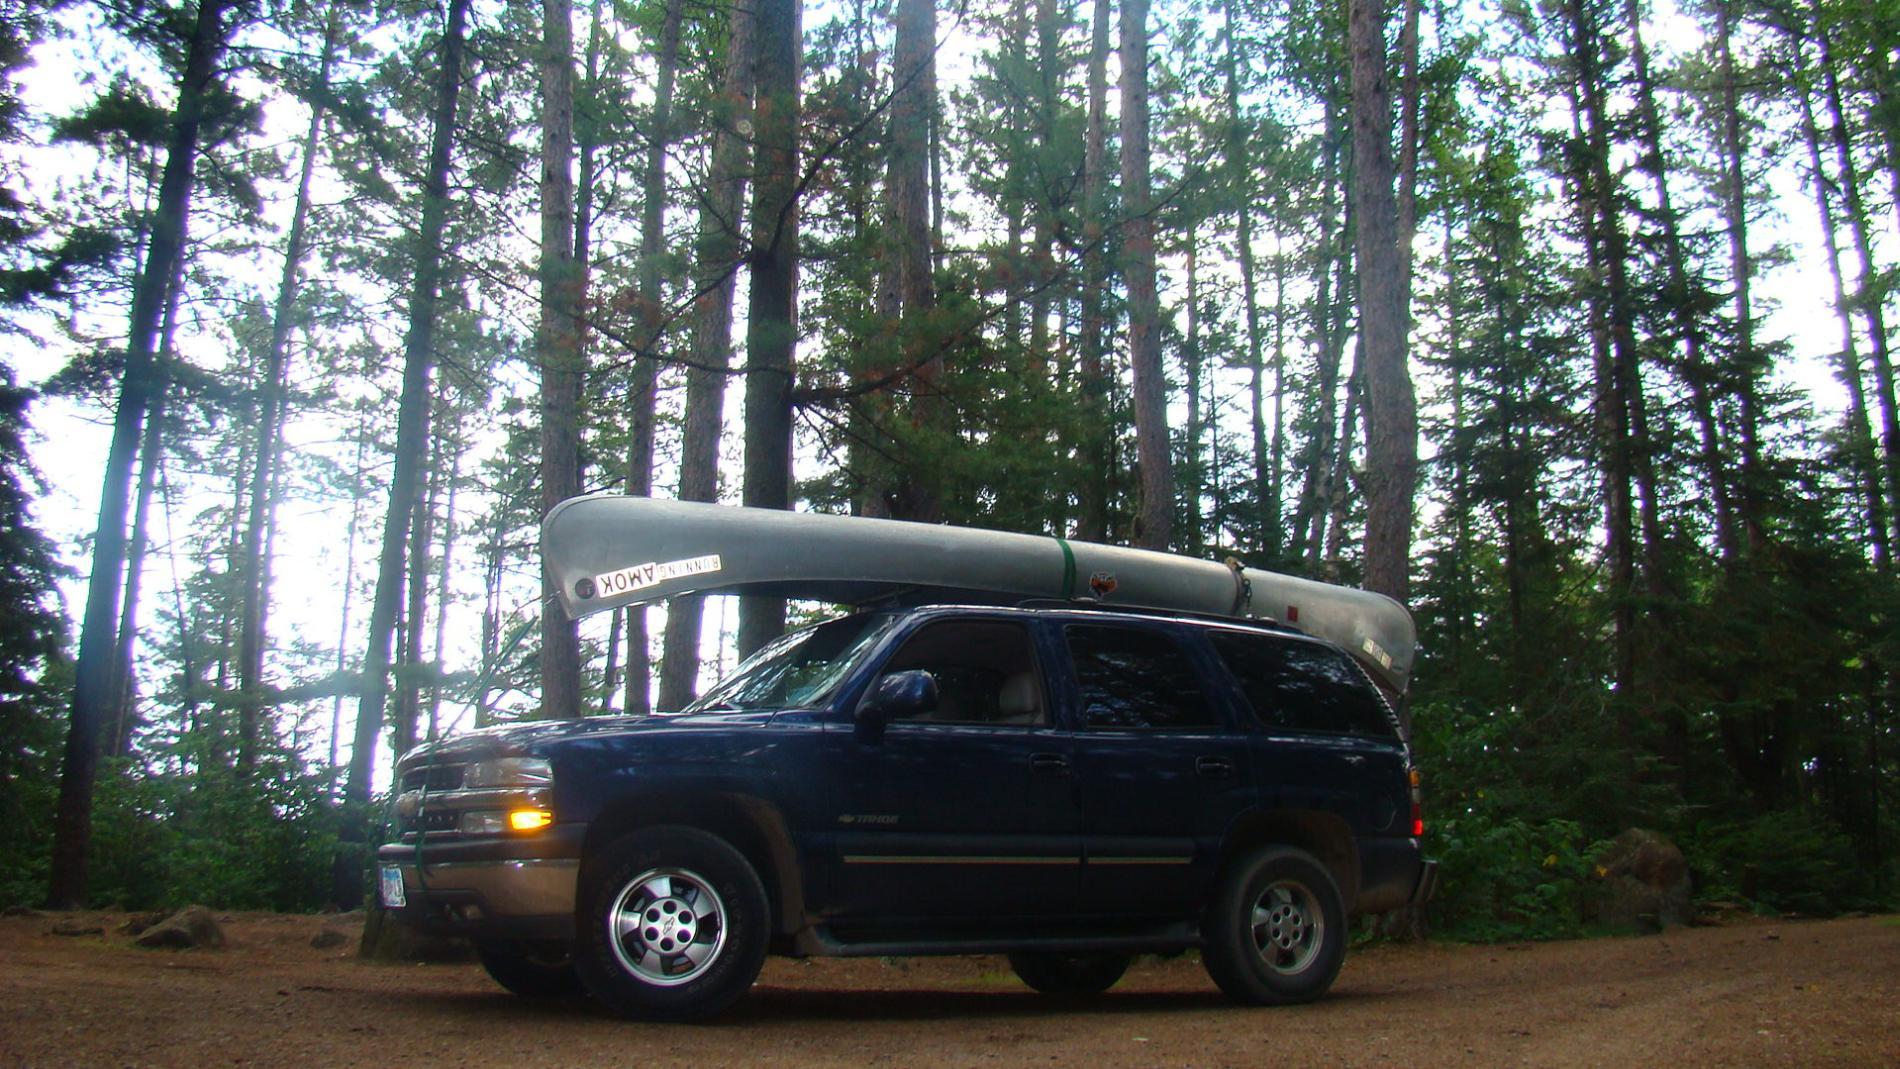 Baker Lake campground